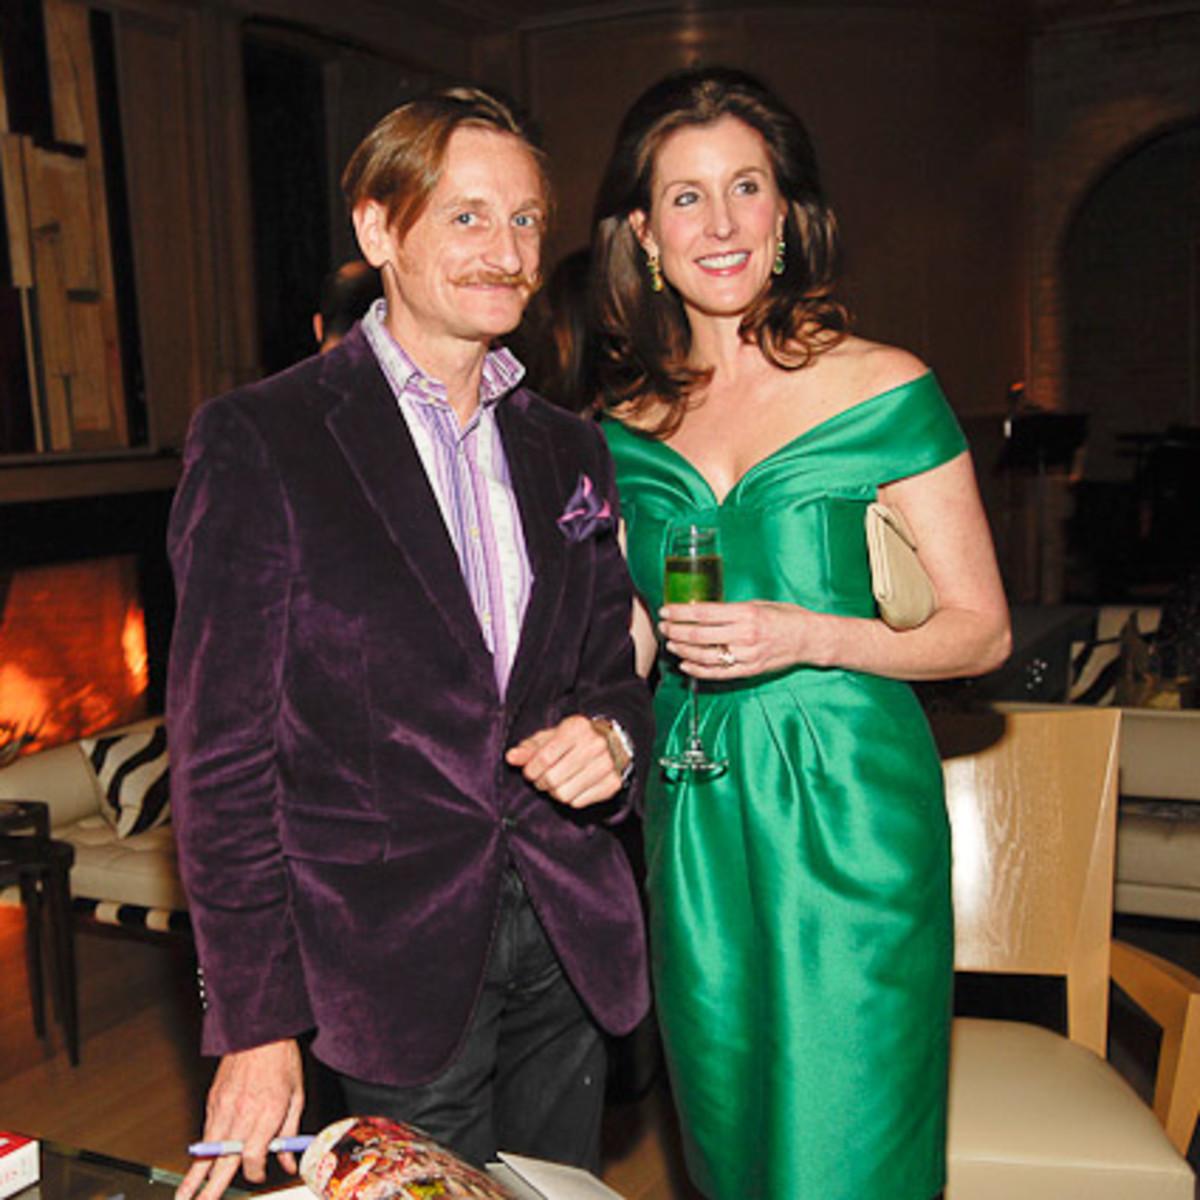 News_Vogue at Becca_Feb. 2010_Hamish Bowles_Phoebe Tudor